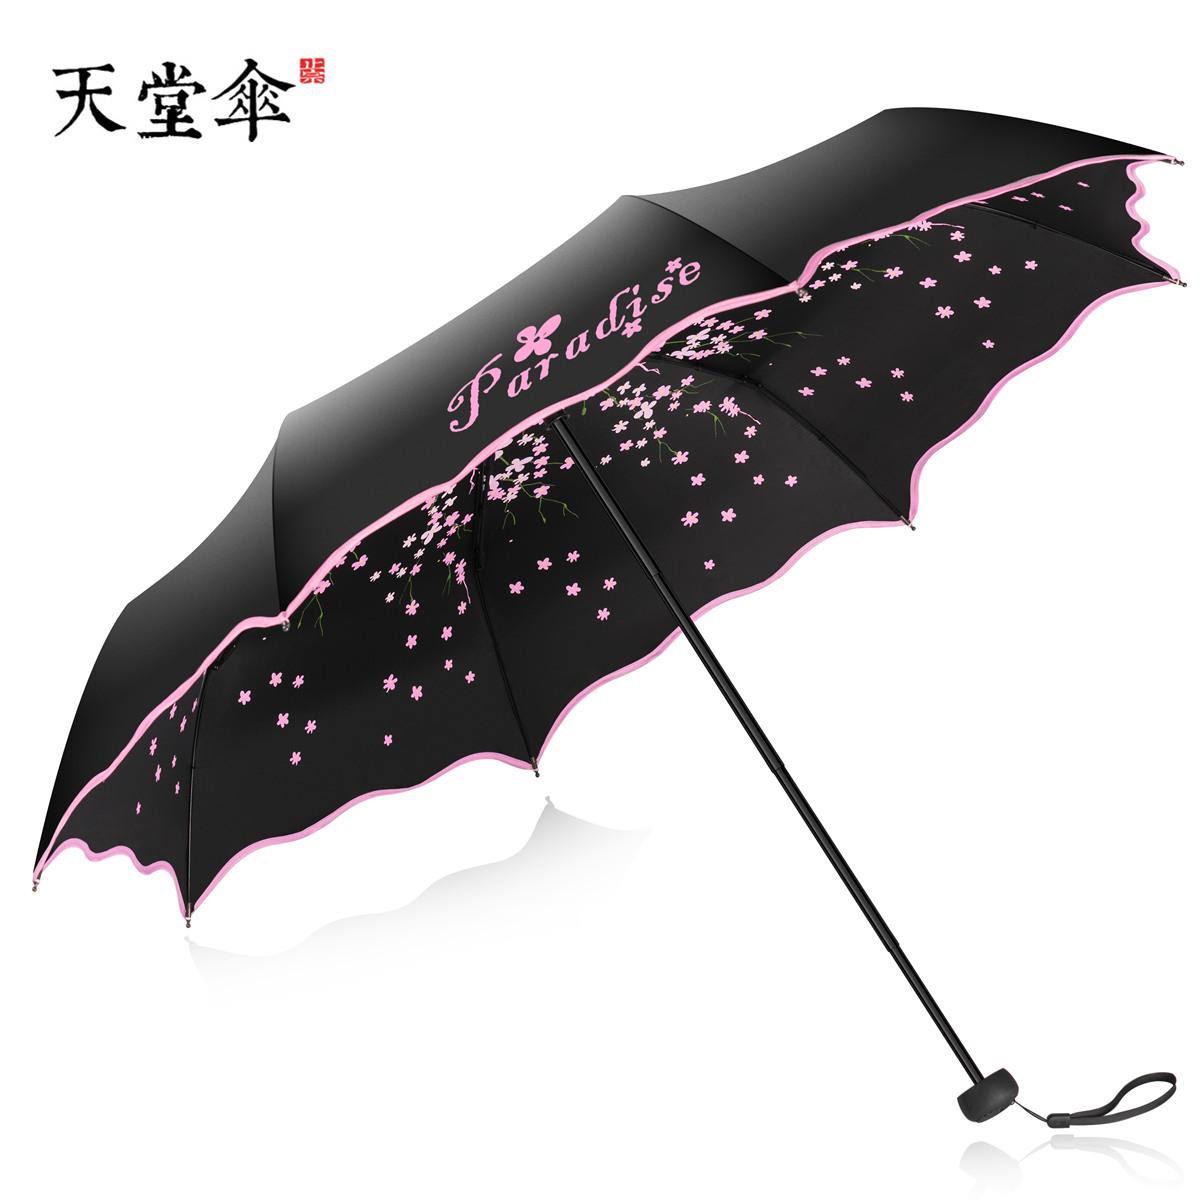 天堂伞防晒防紫外线遮阳伞女太阳伞女神黑胶小清新两用晴雨伞折叠